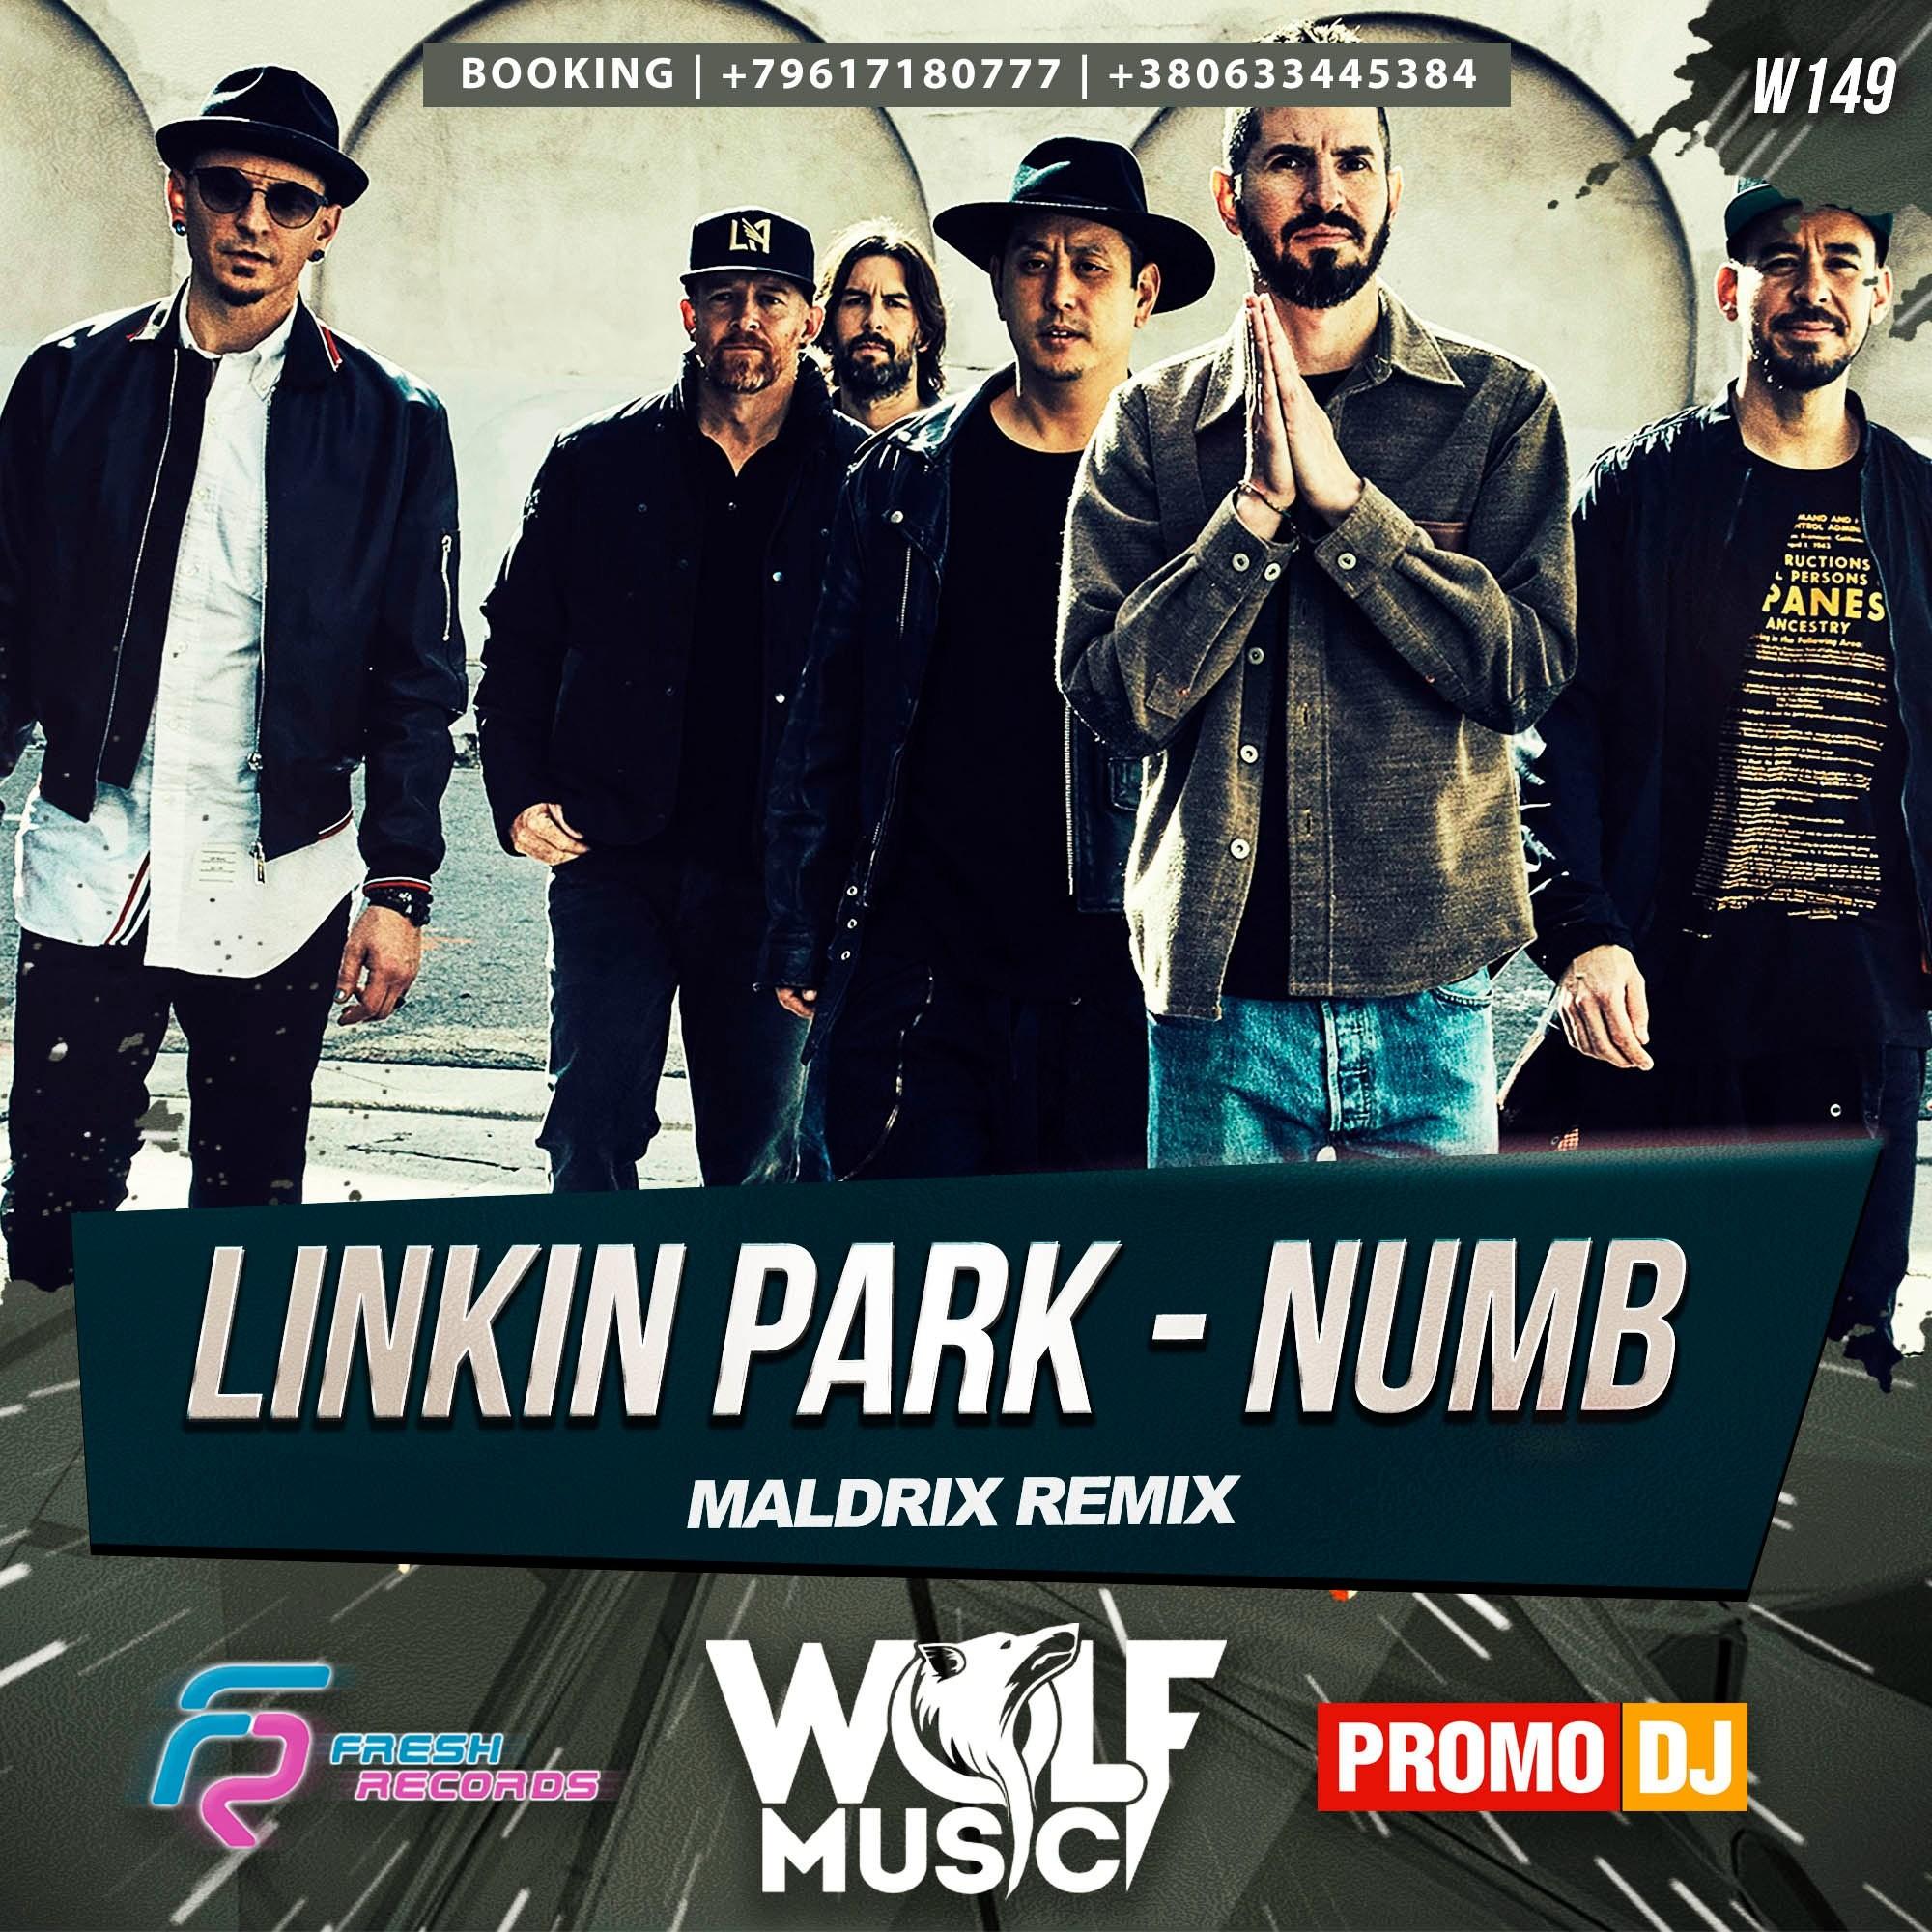 Linkin Park - Numb (Maldrix Radio Remix) – Maldrix